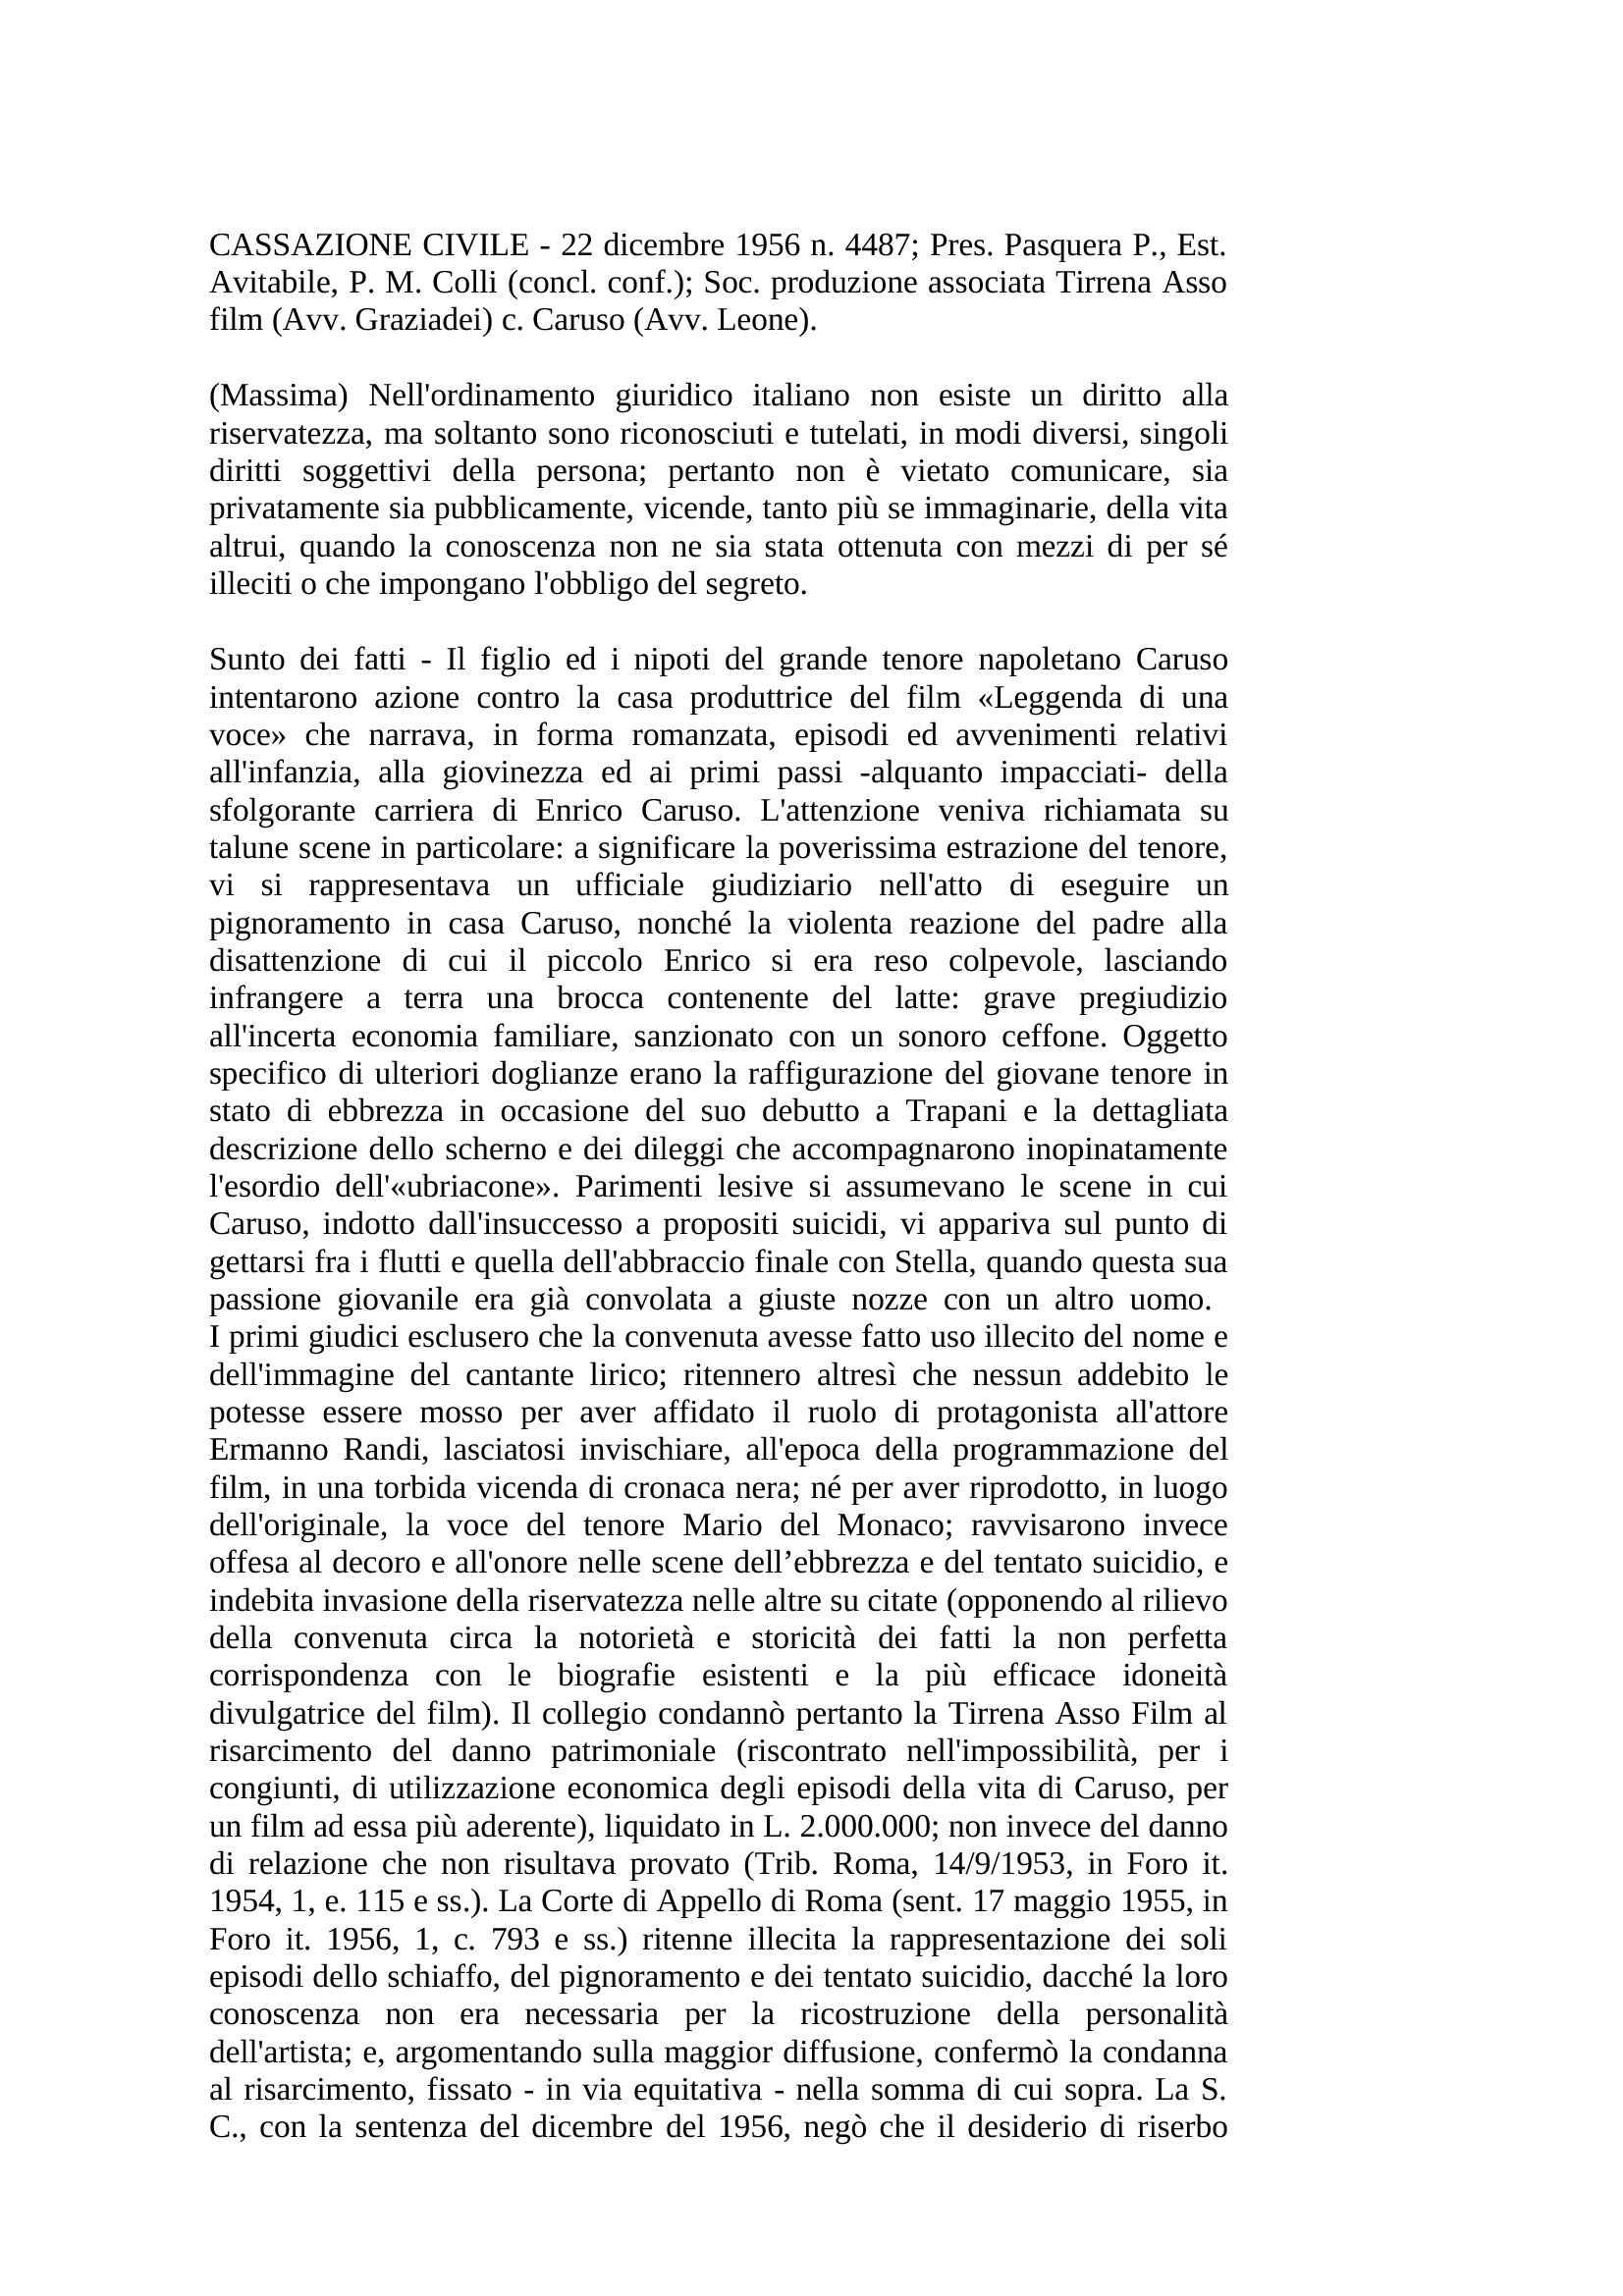 Diritto alla riservatezza - Cass. Civ. n. 4487/56